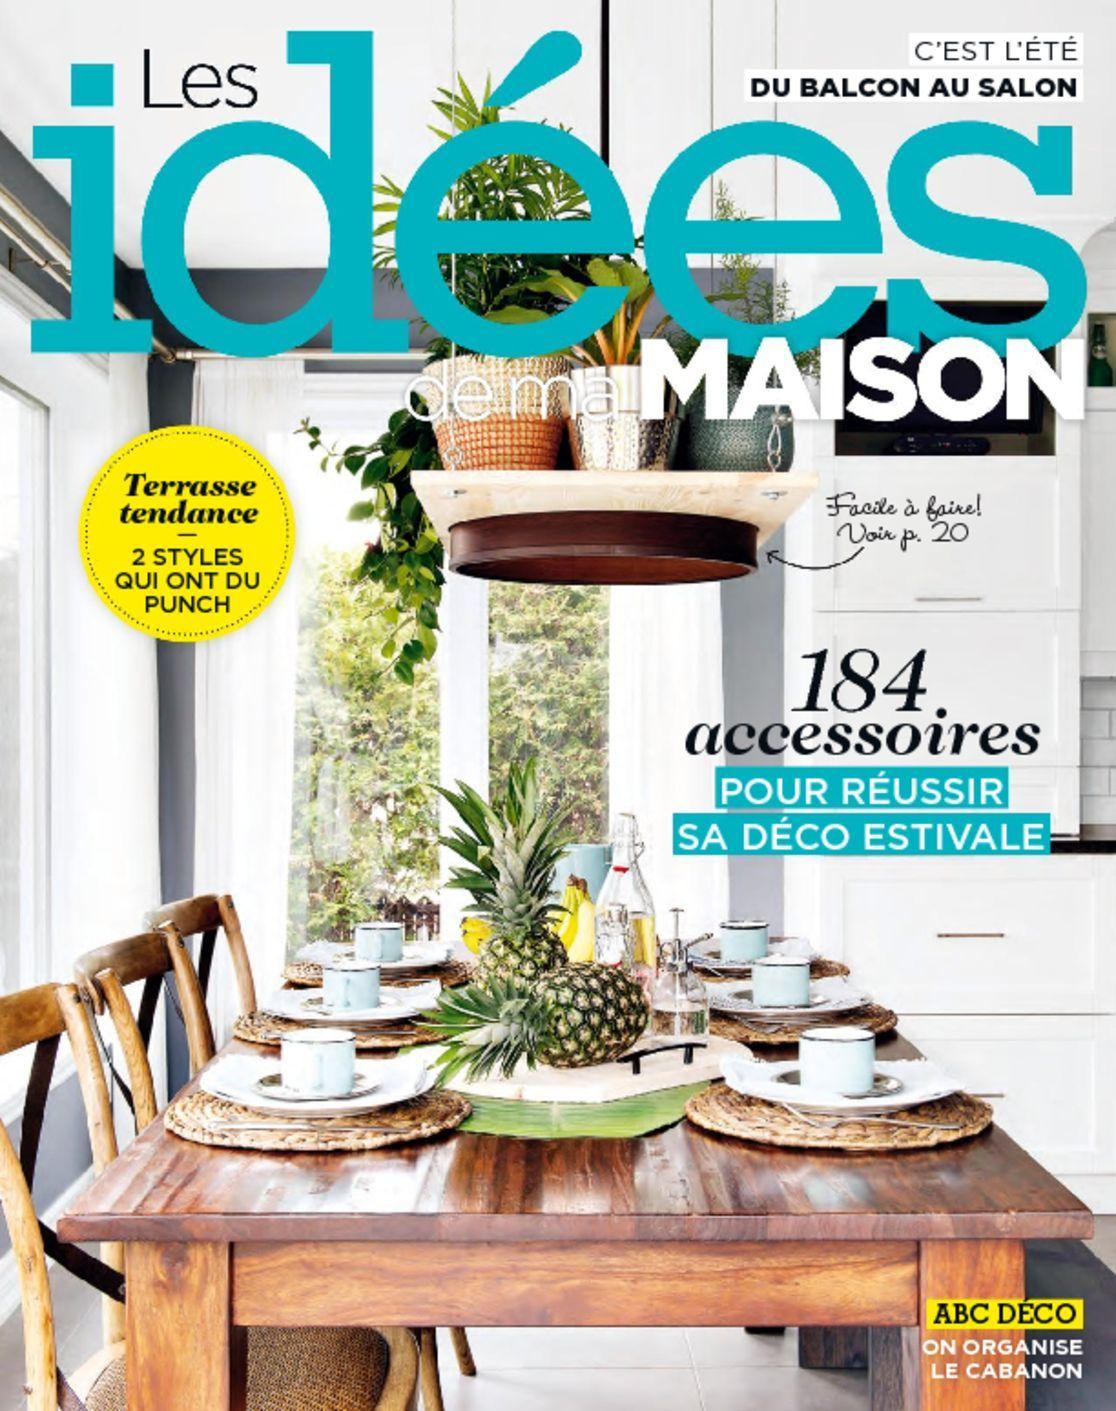 Les id es de ma maison magazine digital for Idees de ma maison magazine